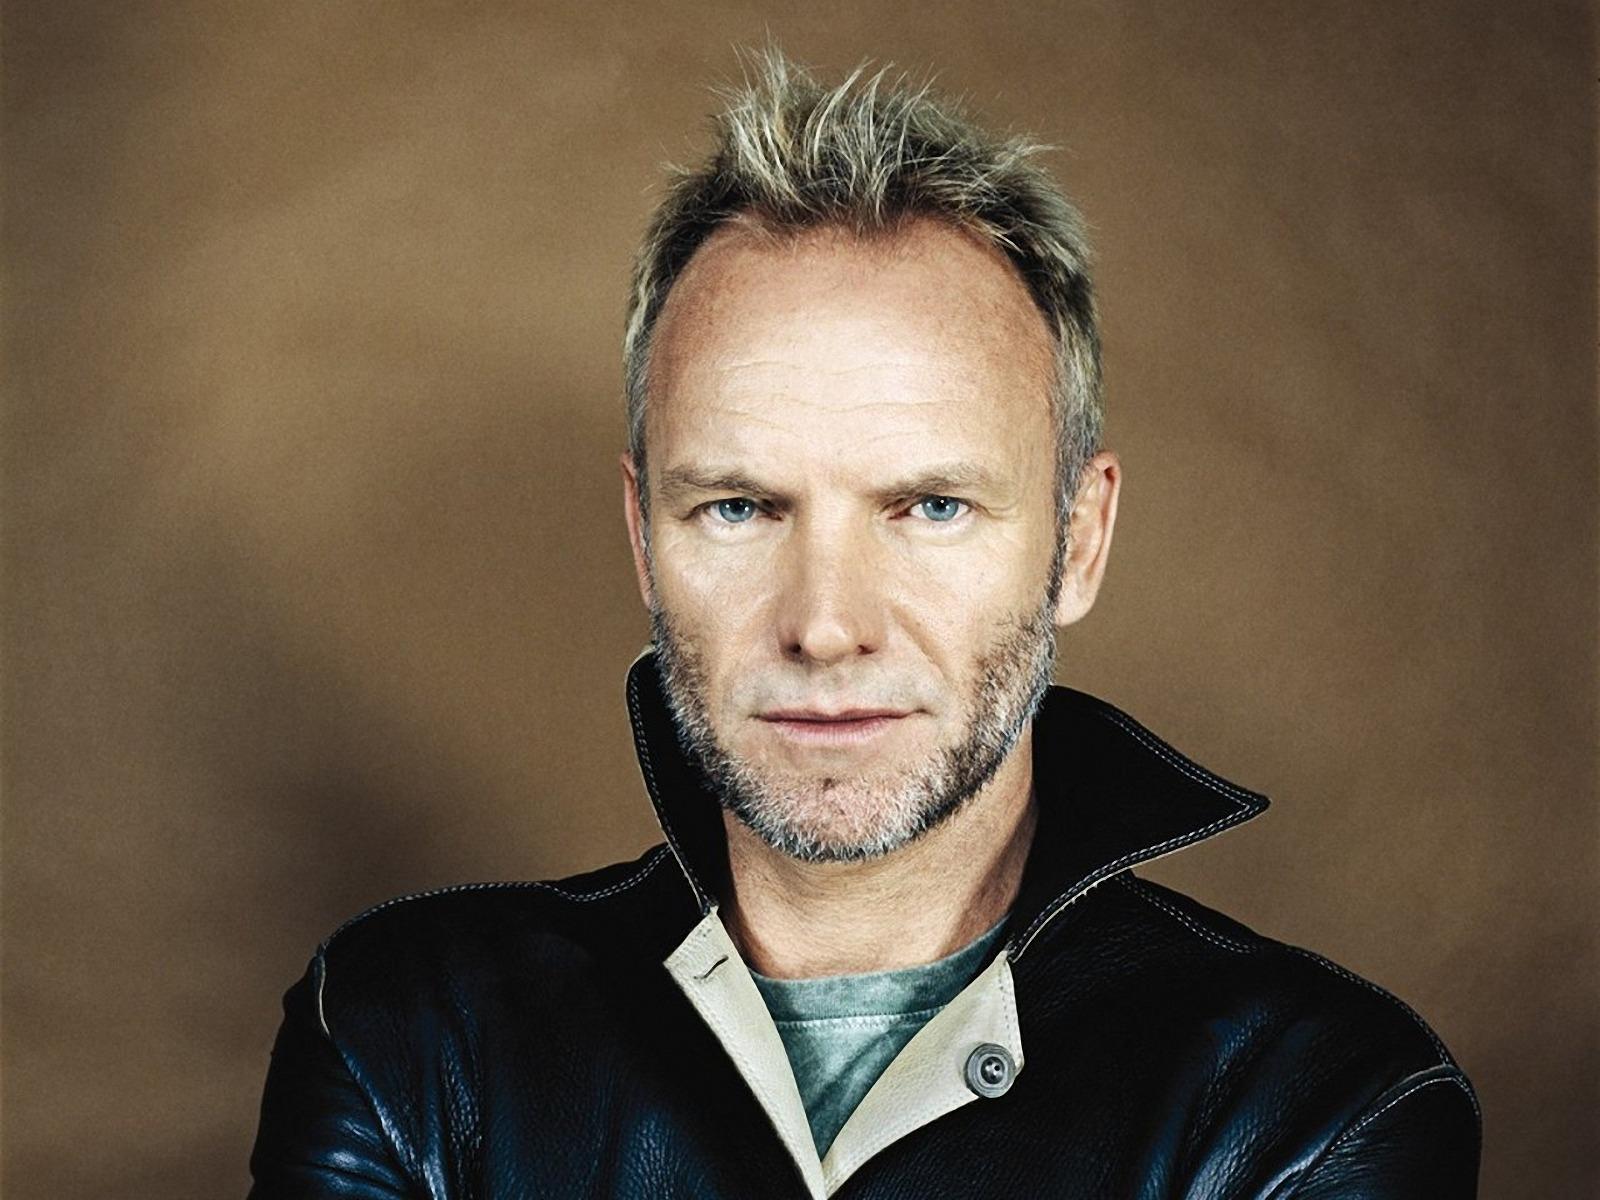 Sting vende más del 80% de entradas para show en Chile, se abren nuevas localidades